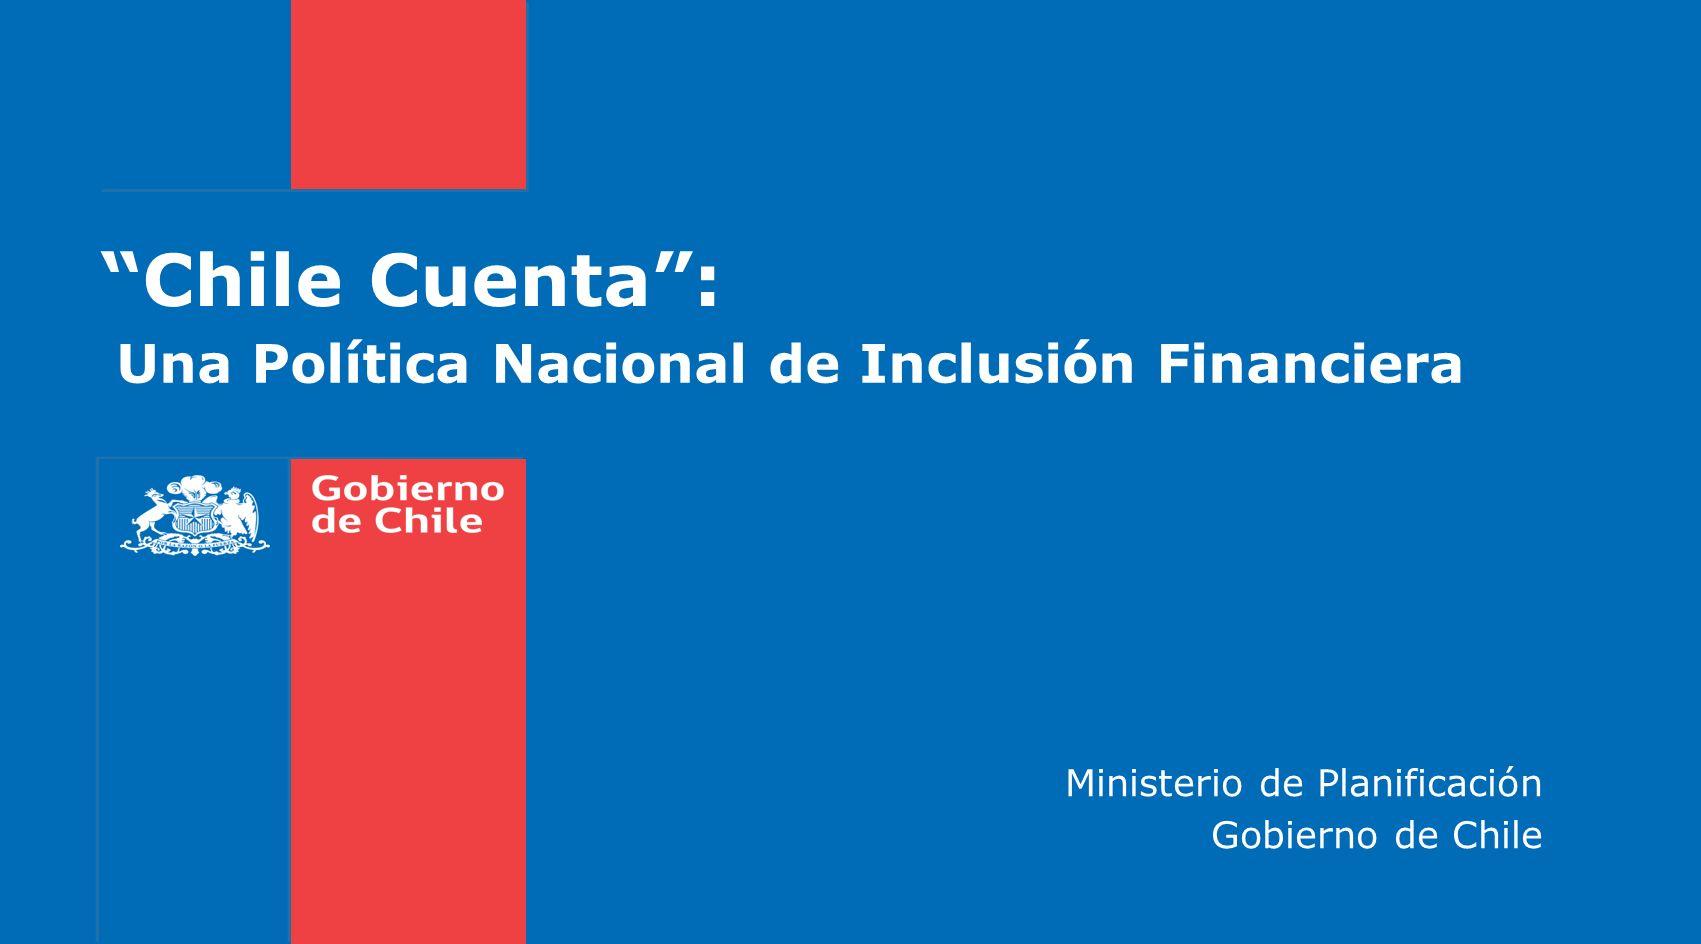 2 Gobierno de Chile | Ministerio de Planificación | FOSIS Chile Cuenta permitirá que todos los Chilenos, especialmente aquellos que están más excluidos, accedan con mayor facilidad a servicios financieros de calidad, proporcionando protección a las familias y oportunidades para mejorar sus condiciones de vida.